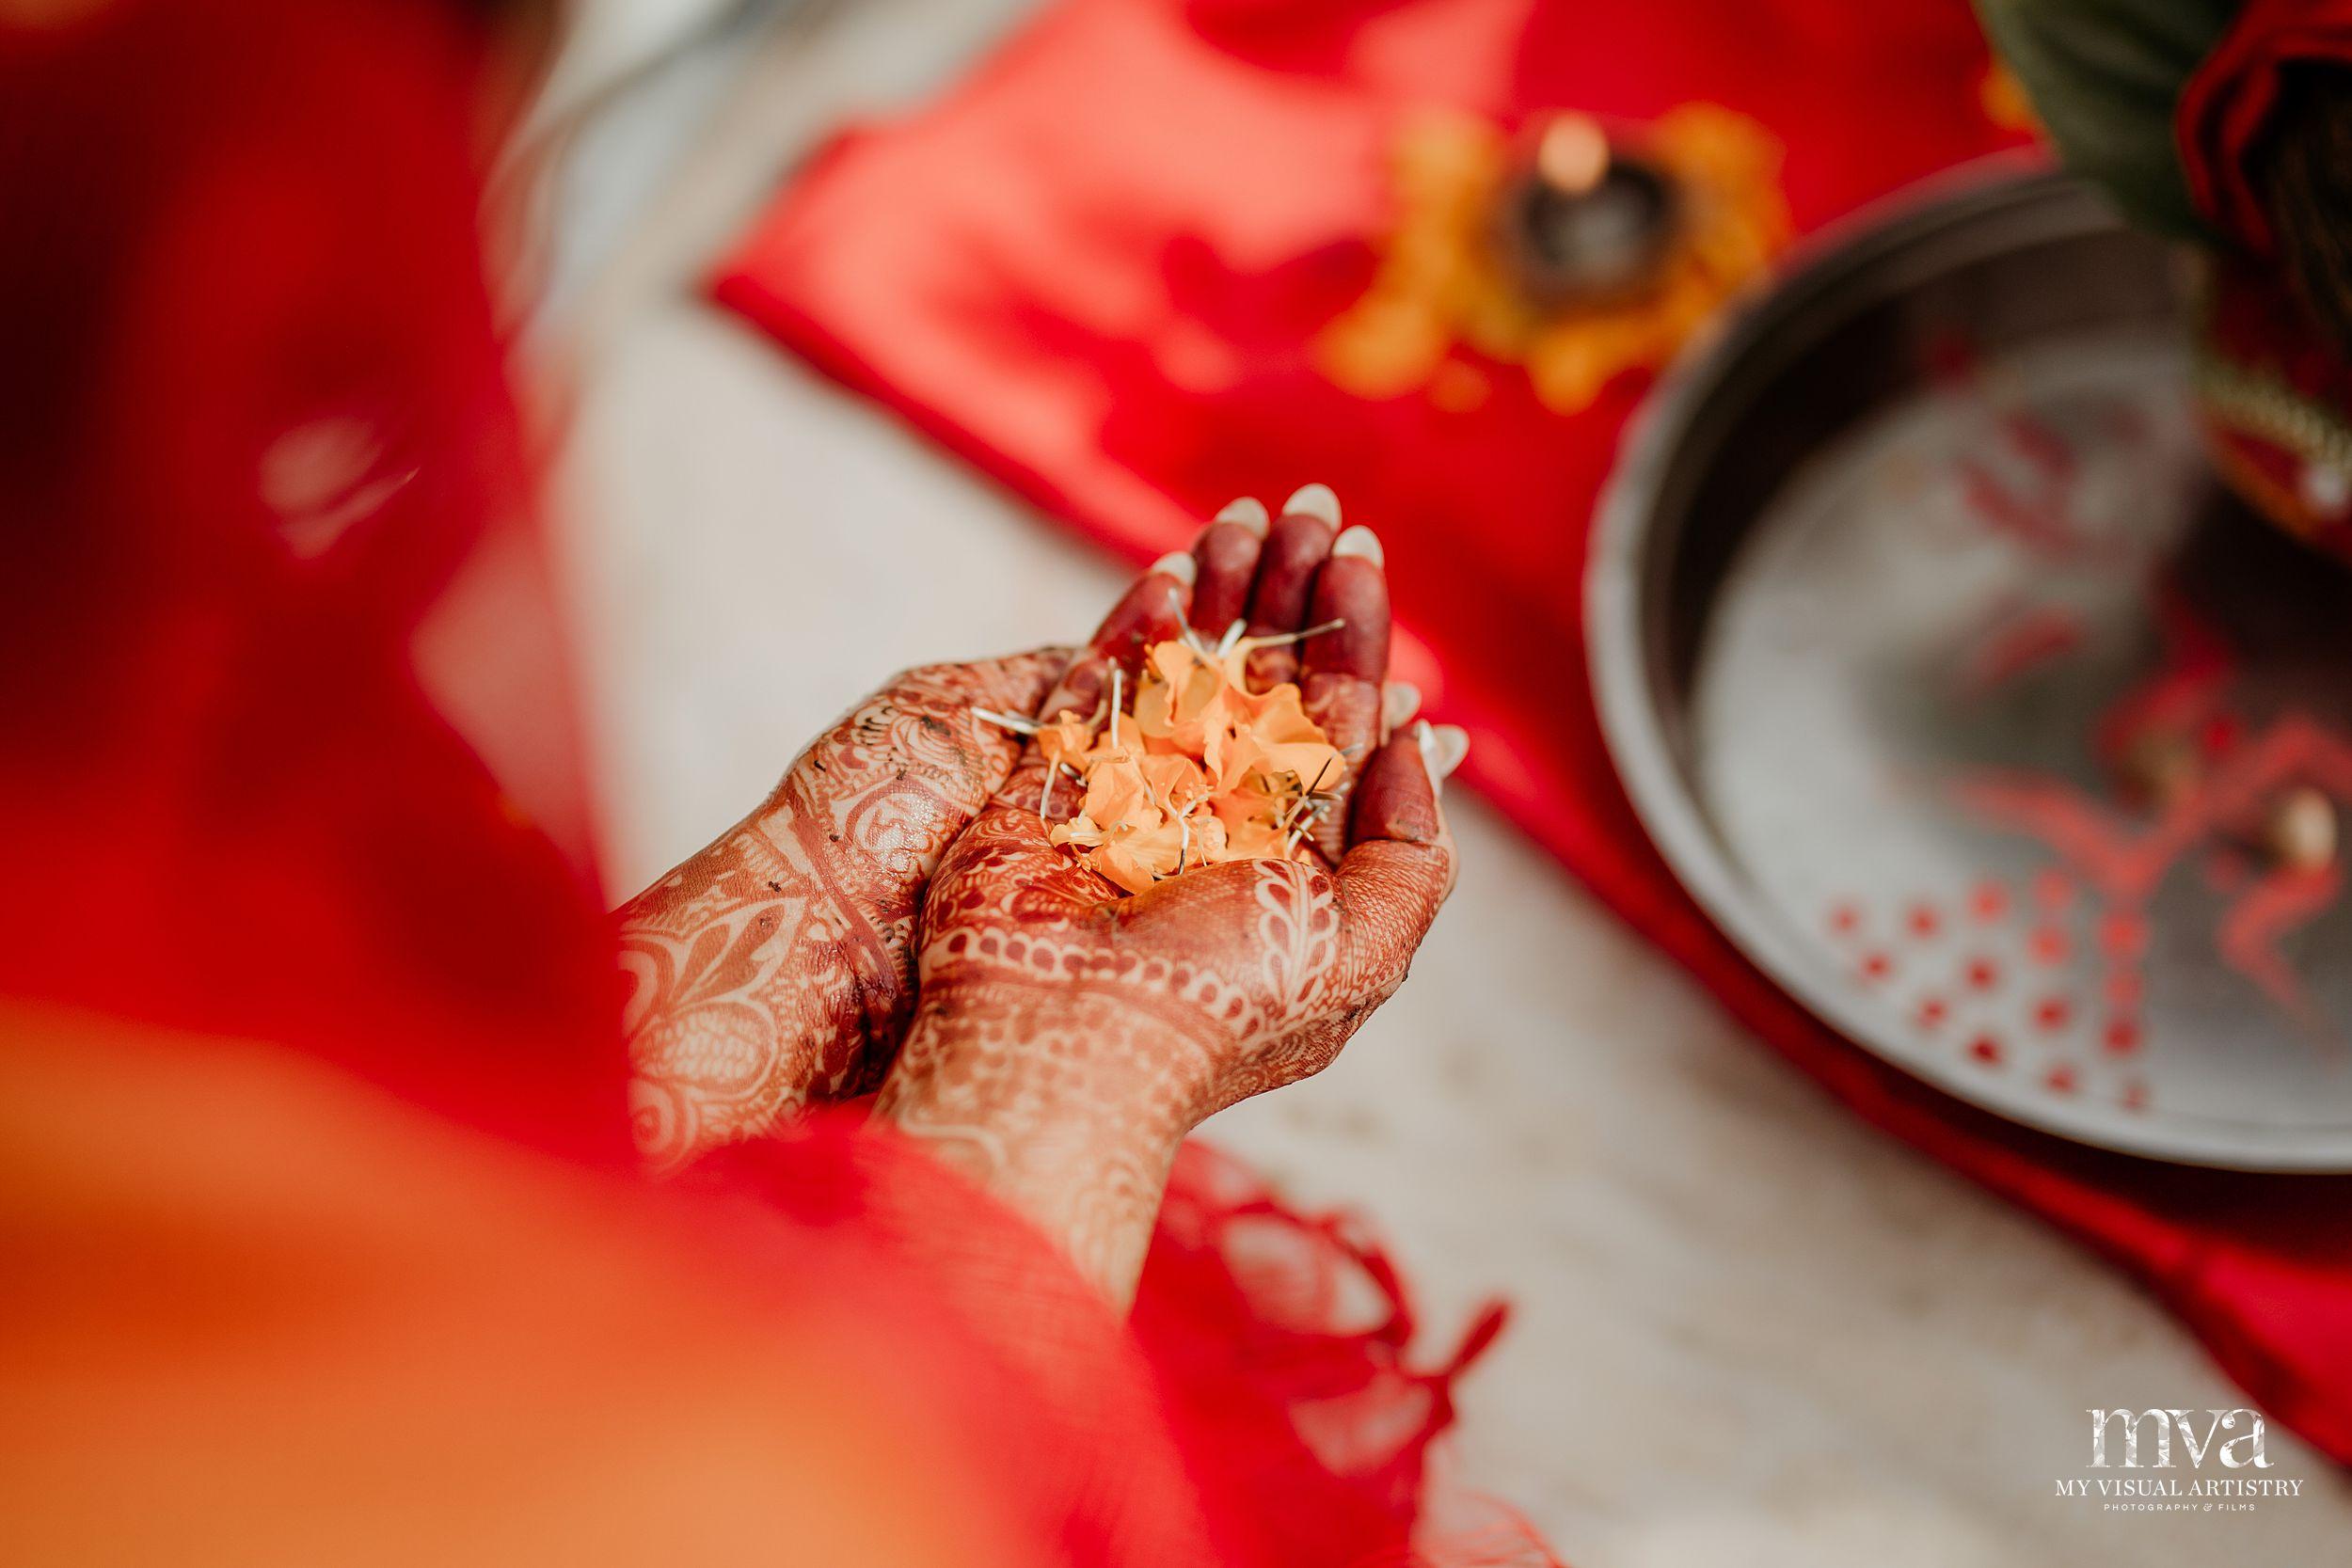 anant_arundhati_myvisualartistry_mva_wedding_sikh_ - 016.jpg